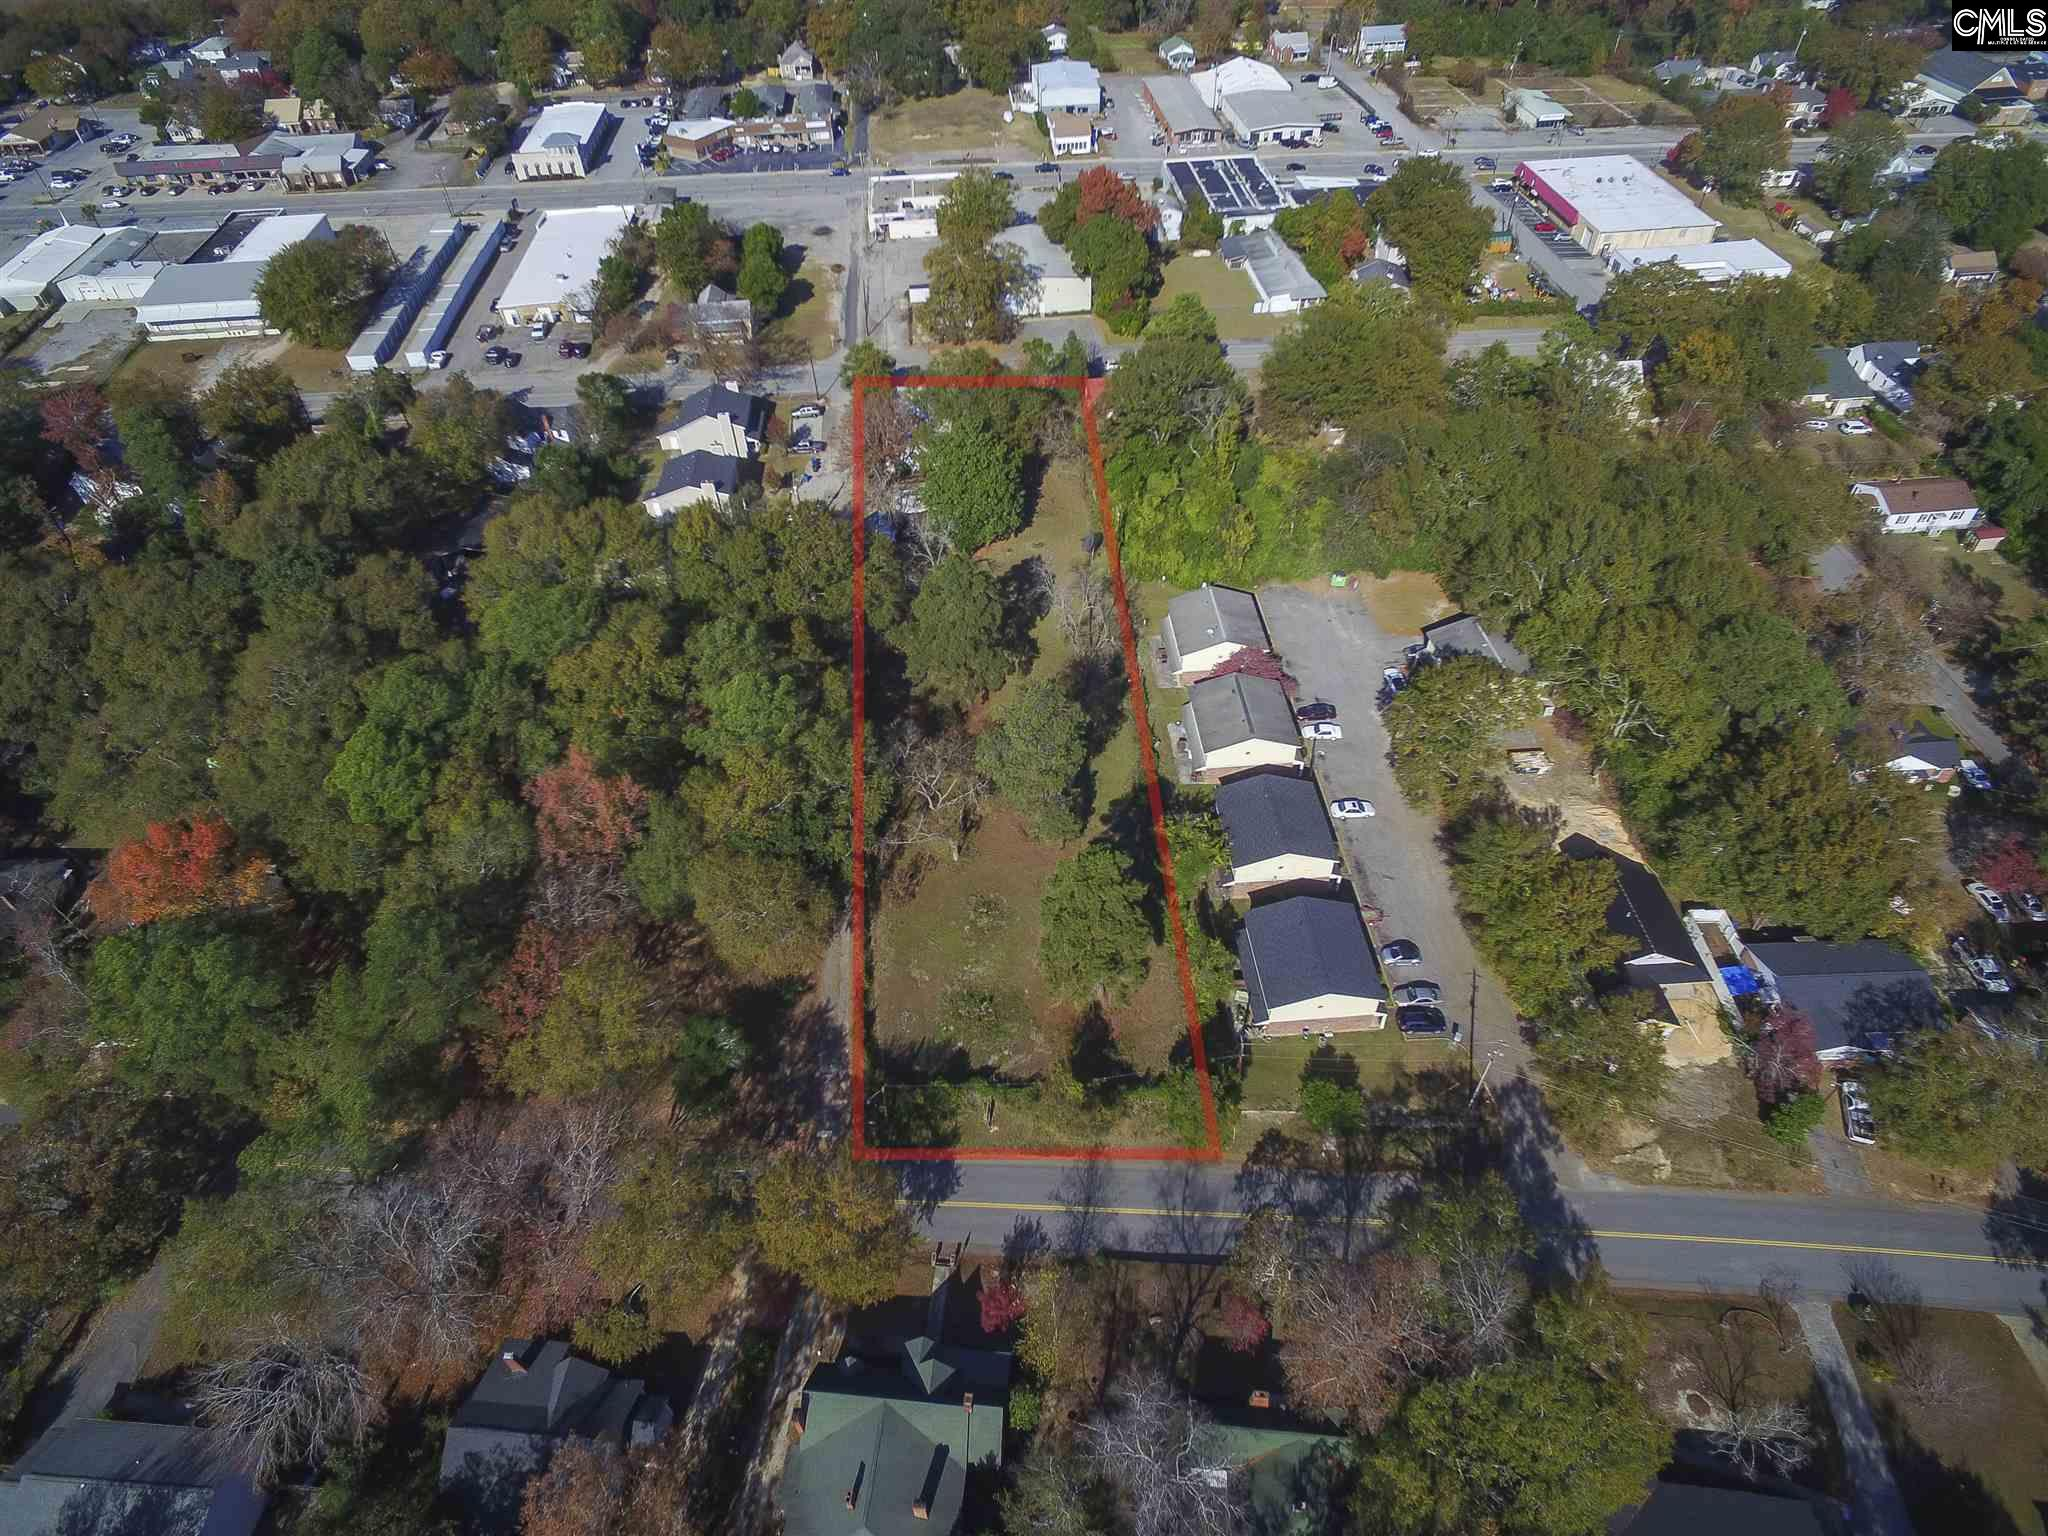 731 Center West Columbia, SC 29169